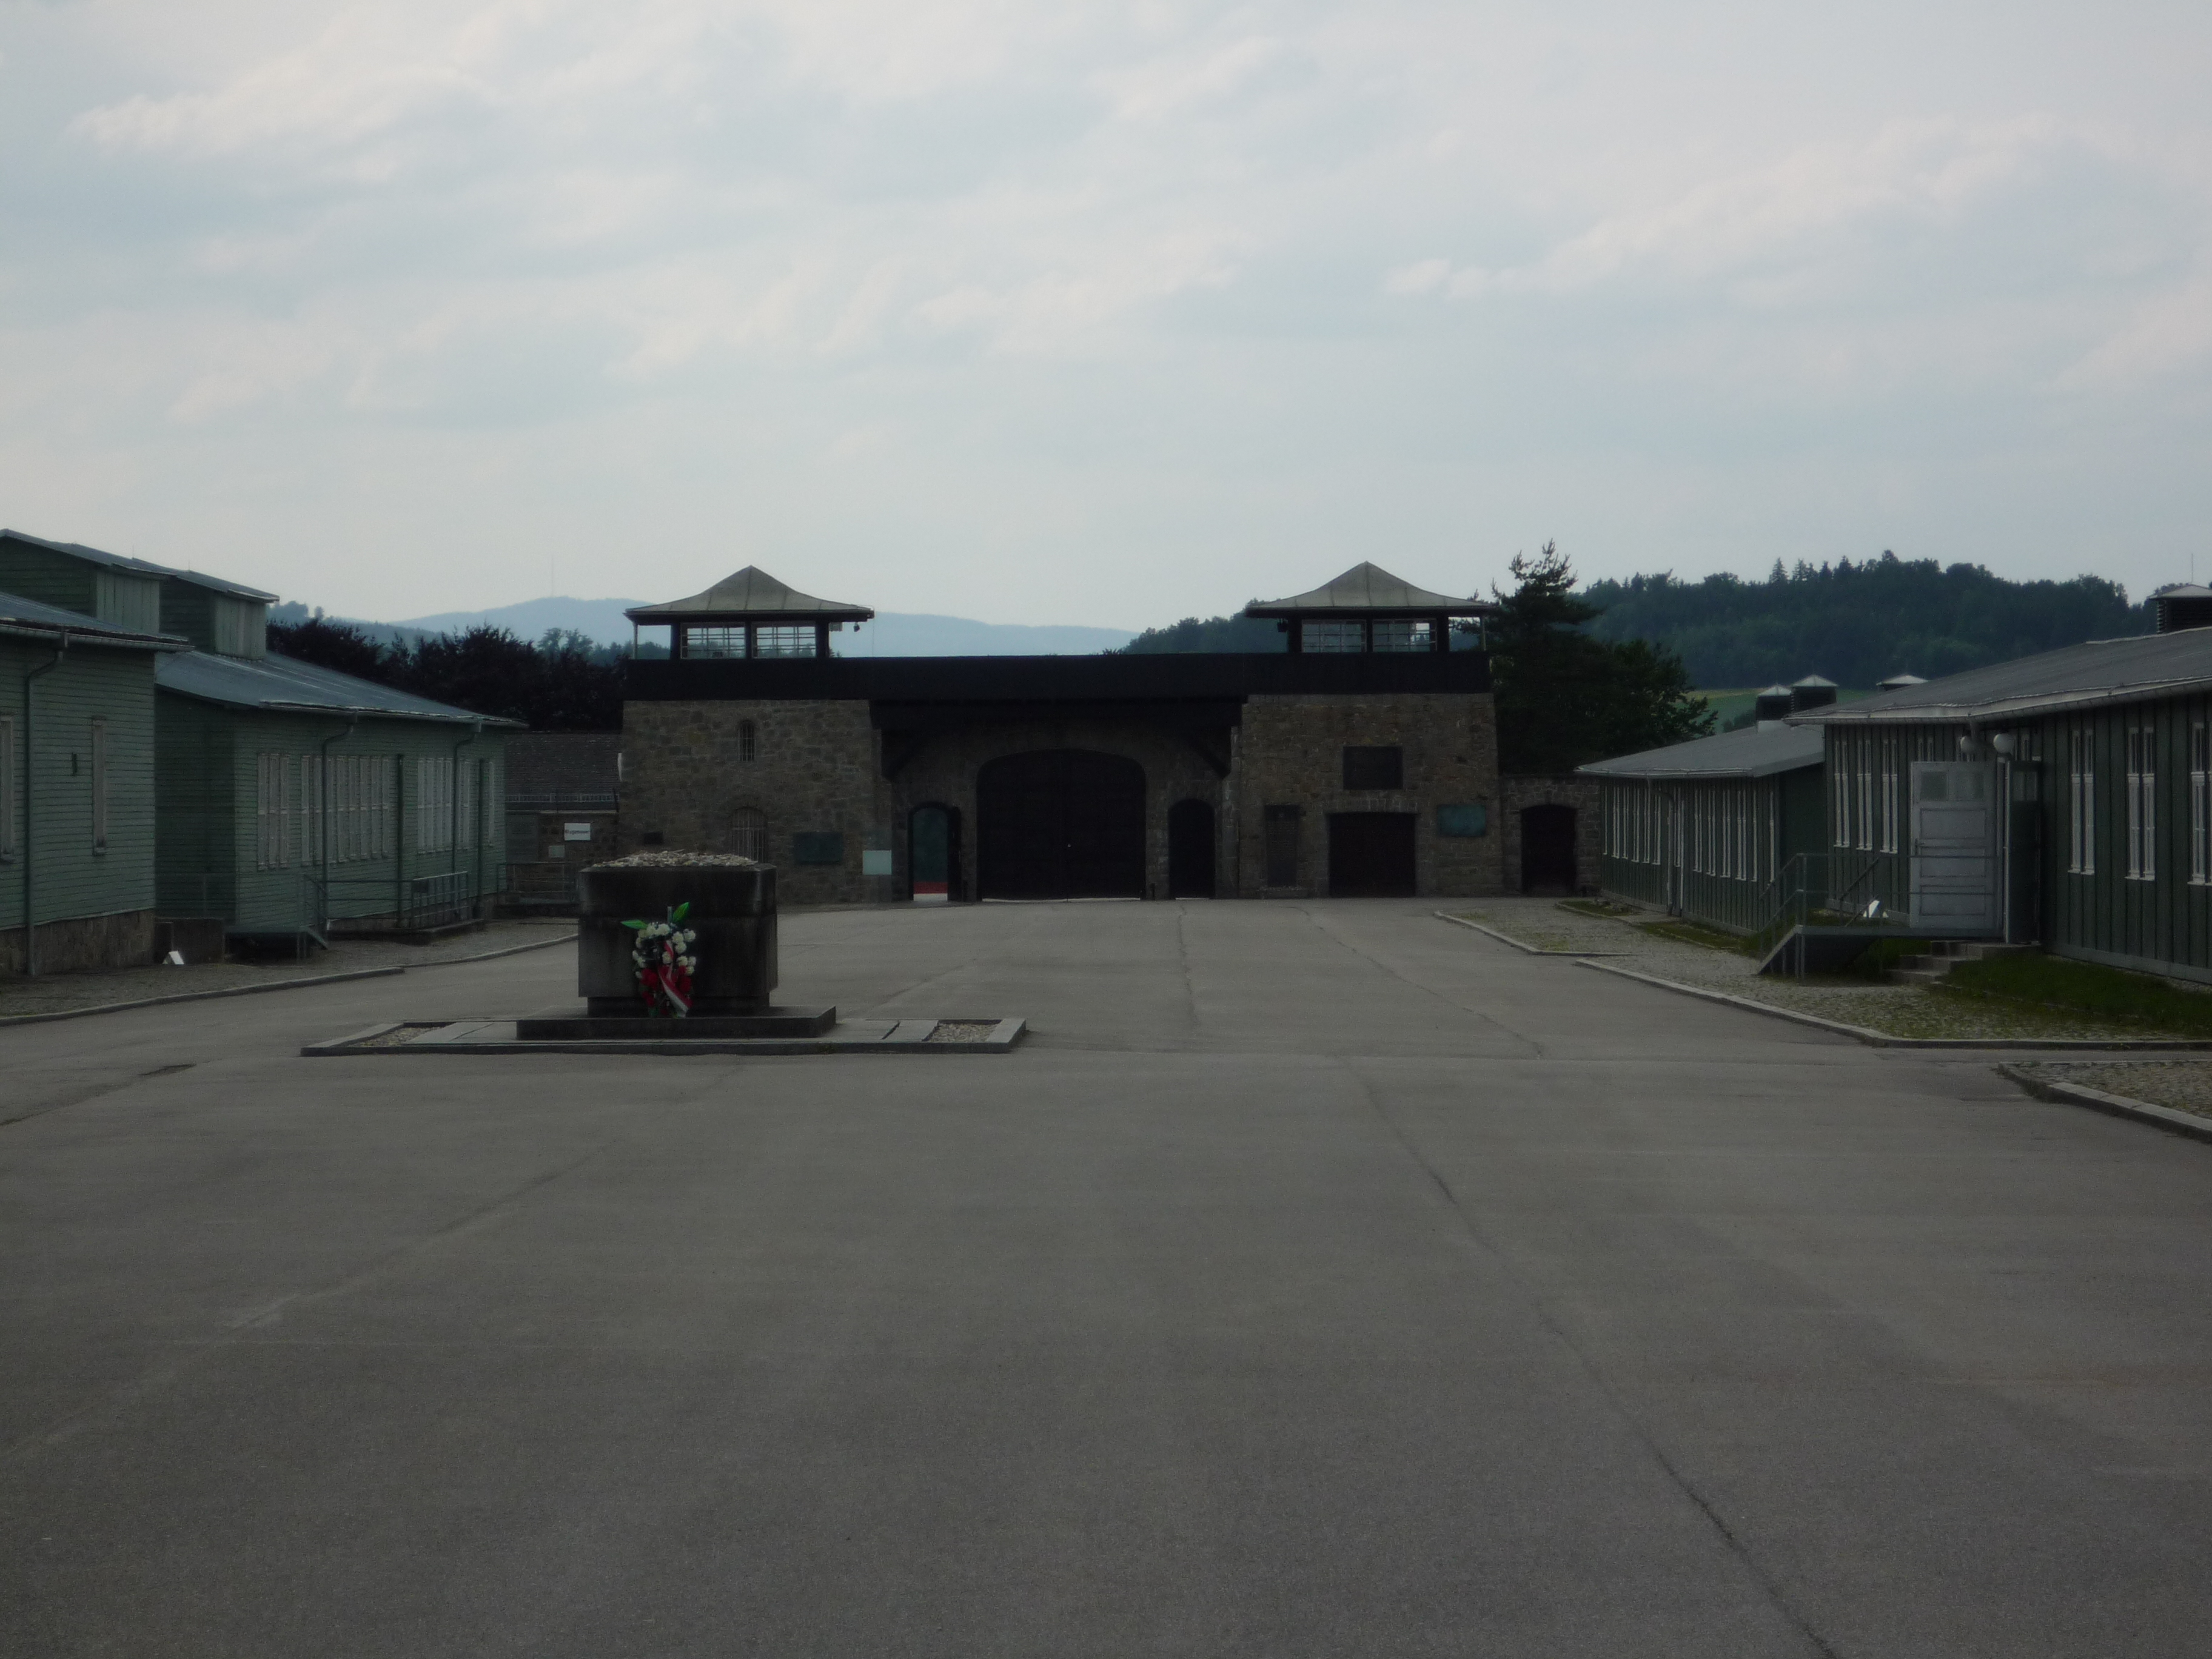 Porte Seule Int Ef Bf Bdrieure Decor Bois